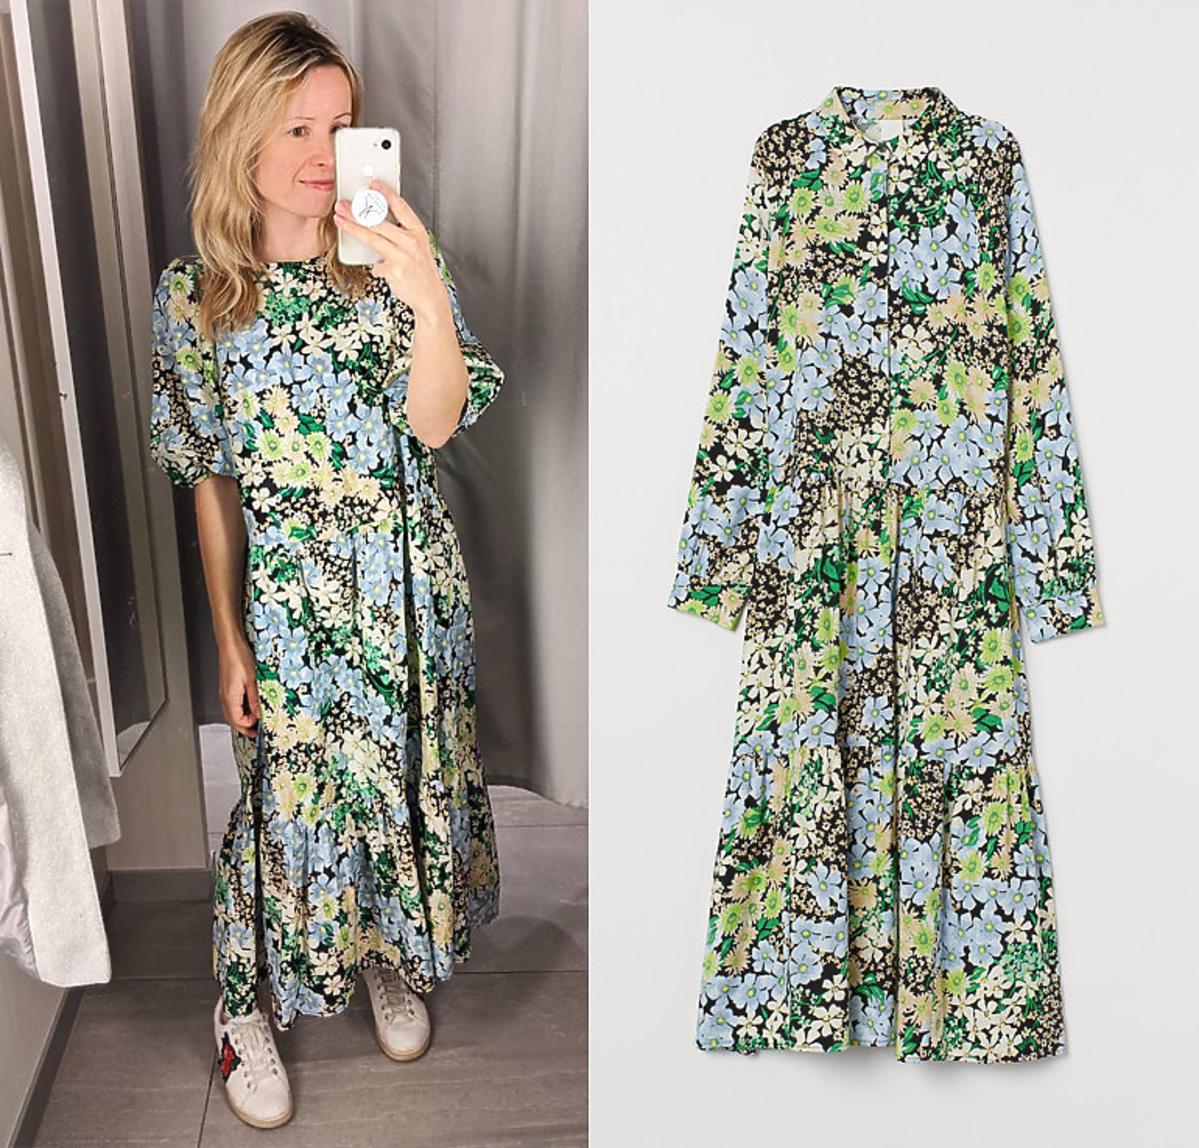 Sukienka z H&M w kwiaty stała się hitem Instagrama